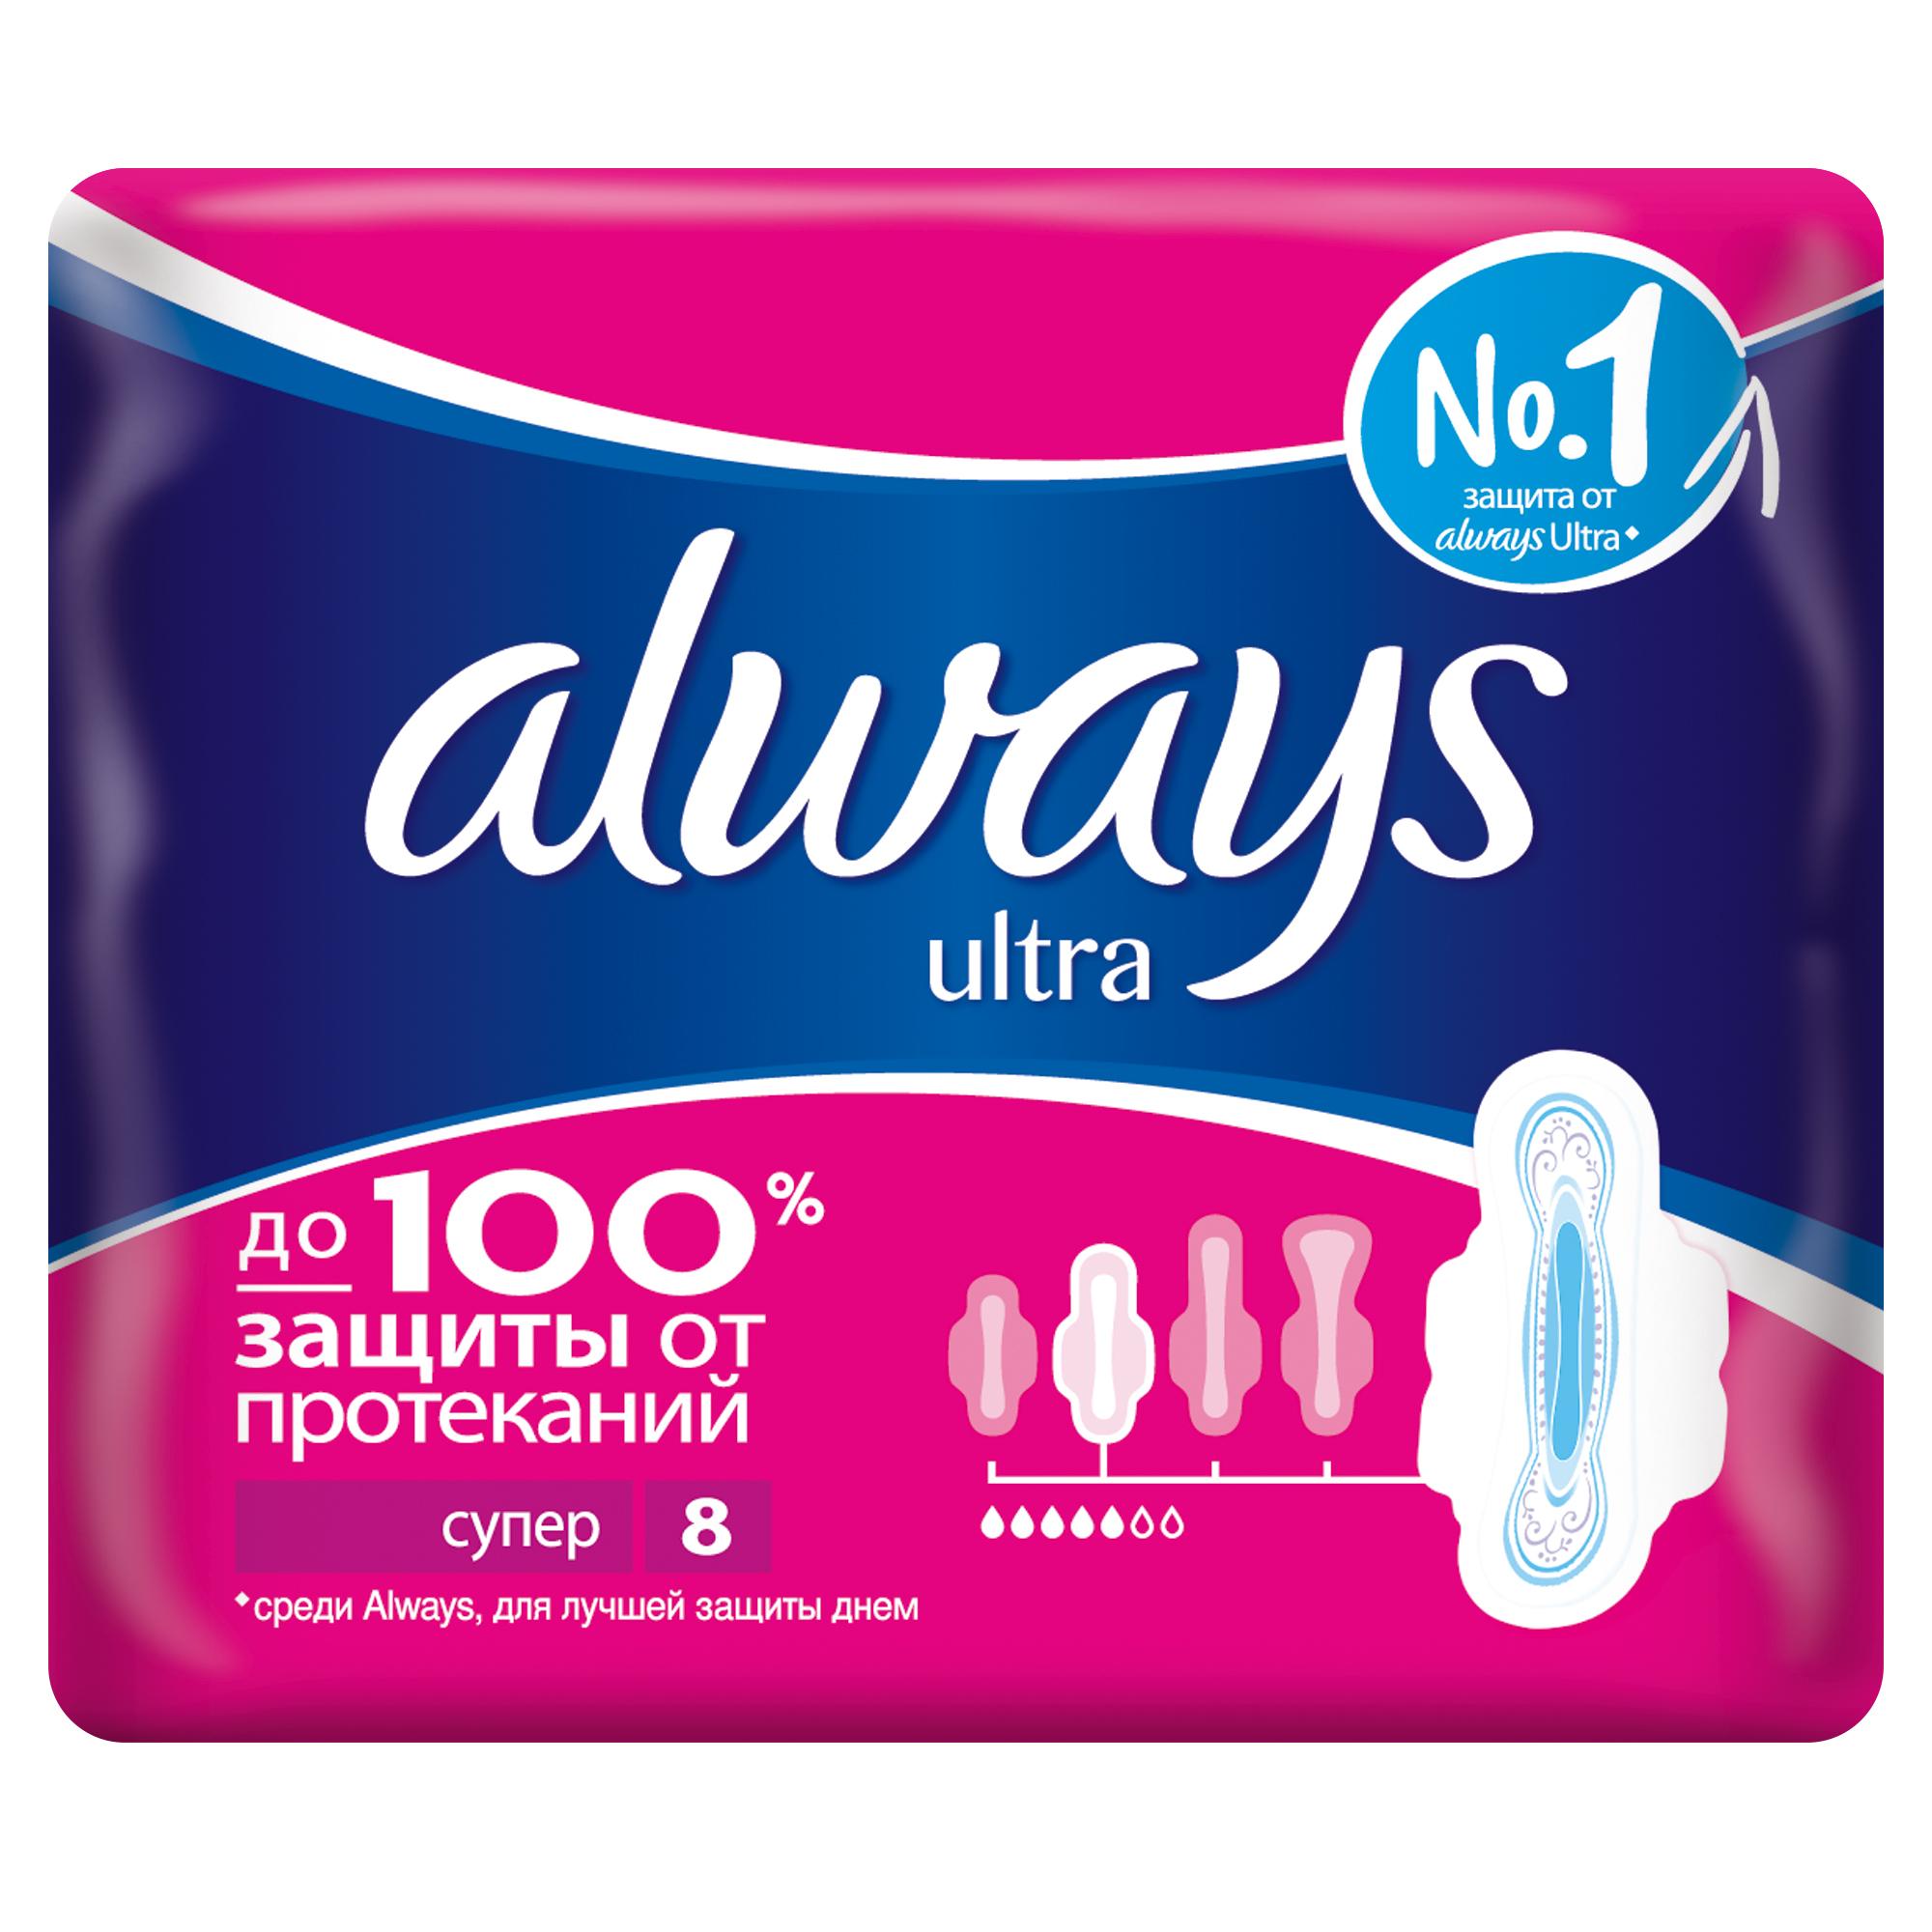 Always Ультратонкие женские гигиенические прокладки Ultra Super (Супер) ароматизированные, 8 шт.AL-83732002Ультратонкие прокладки Always Ultra обеспечивают до 100% защиты от протеканий. НОВЫЕ УЛУЧШЕННЫЕ Always защищают тебя во время менструаций, быстро впитывая жидкость и блокируя ее внутри прокладки. - Новый быстро впитывающий и более комфортный верхний слой. - Новый усиленный абсорбирующий внутренний слой с еще большим количеством впитывающего гелеобразующего материала. - Технология нейтрализации запаха, содержит легкий аромат. - Крылышки с шестью растягивающимися зонами защищают от протеканий. - Дерматологически протестированы.